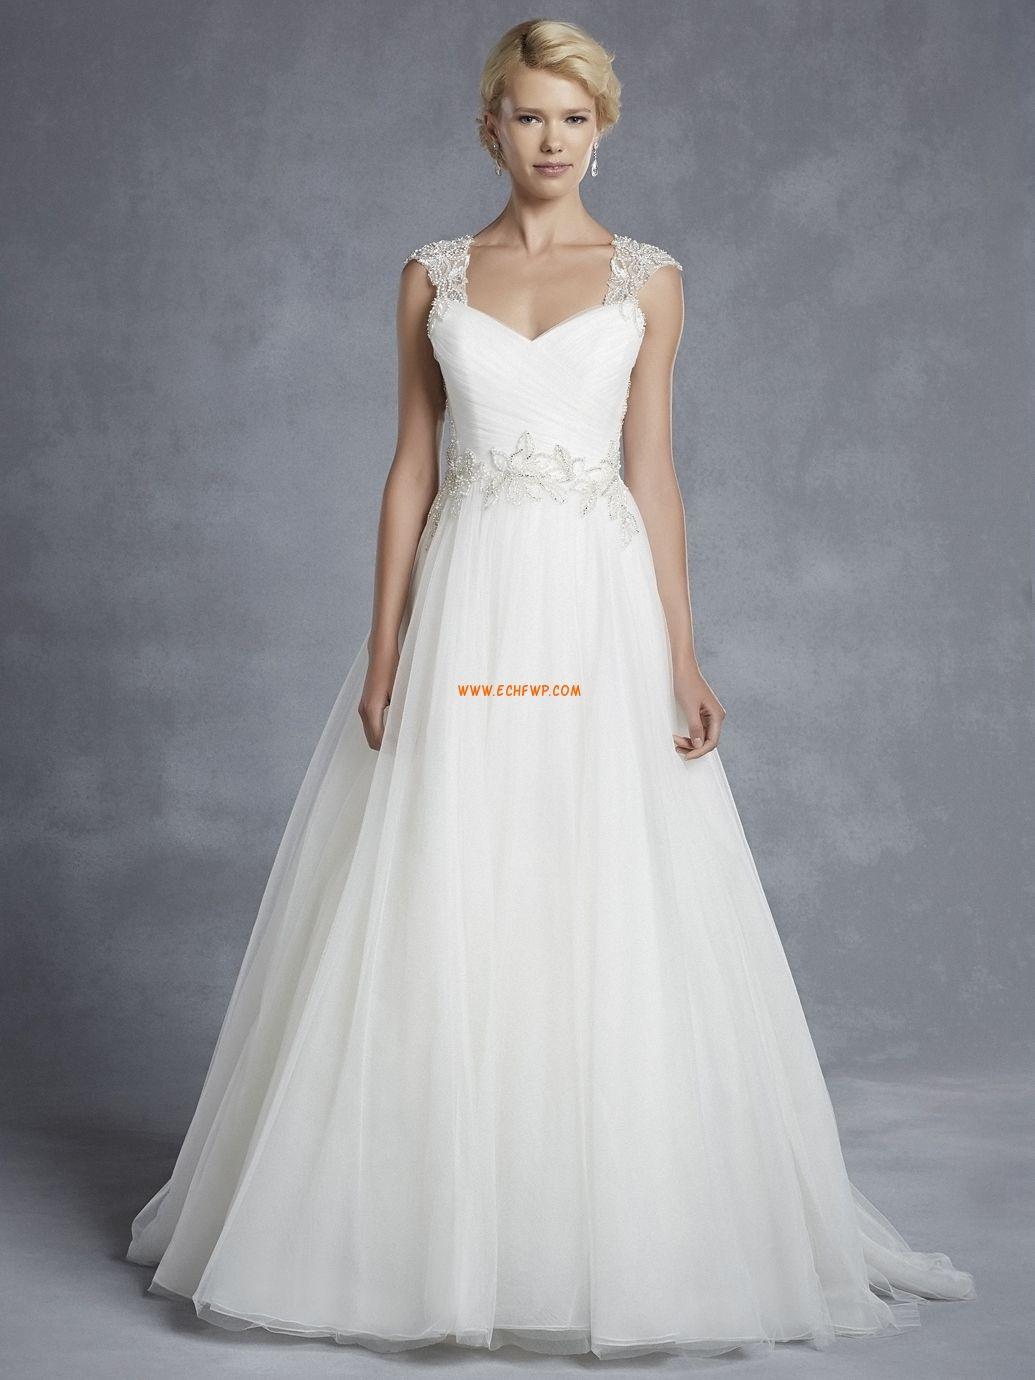 Beading Glidelås Naturlig Brudekjoler 2015